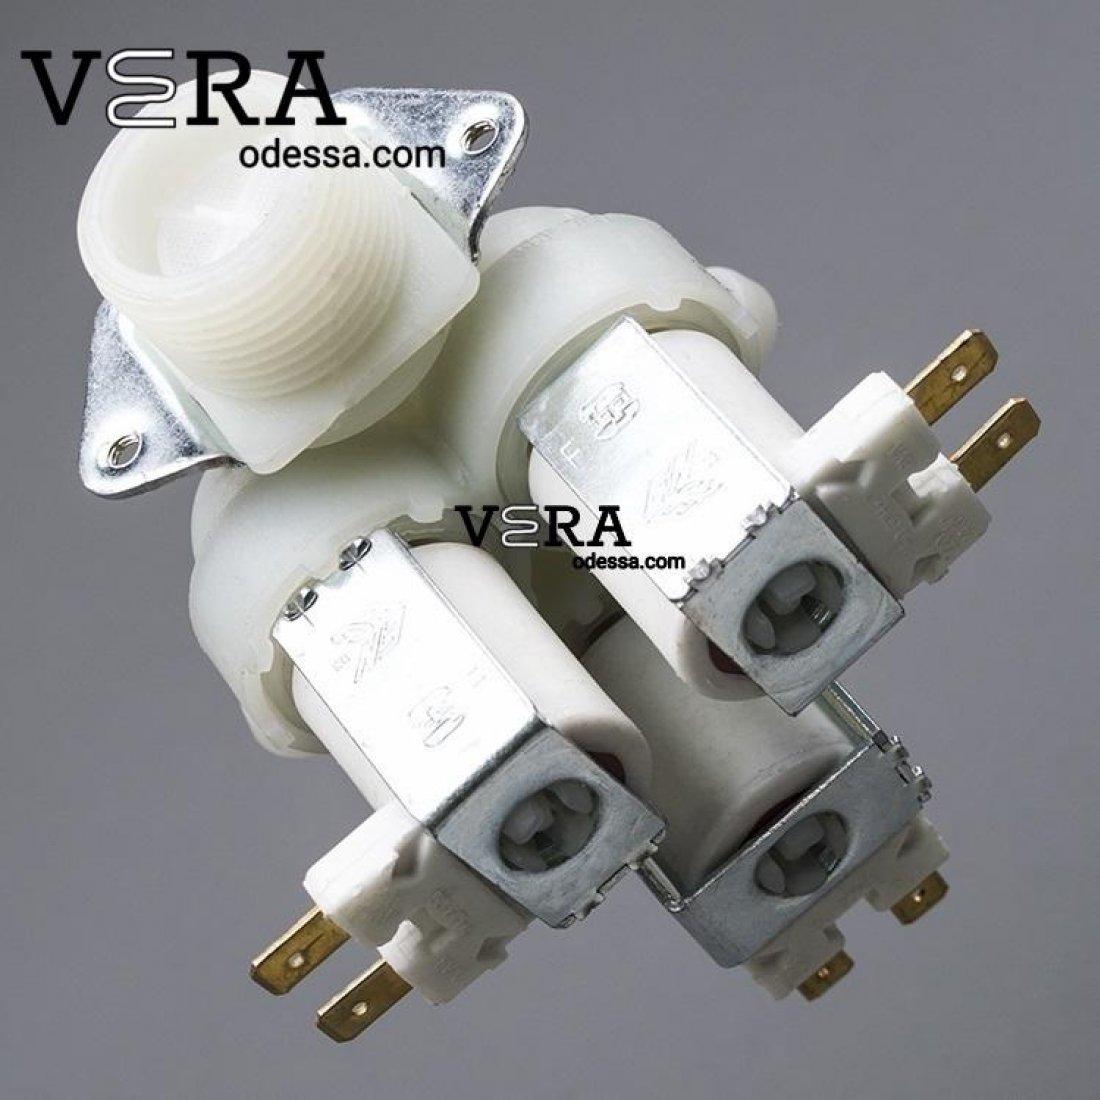 Купити клапан на пральну машину універсальний 3/180 оптом, фотографія 1